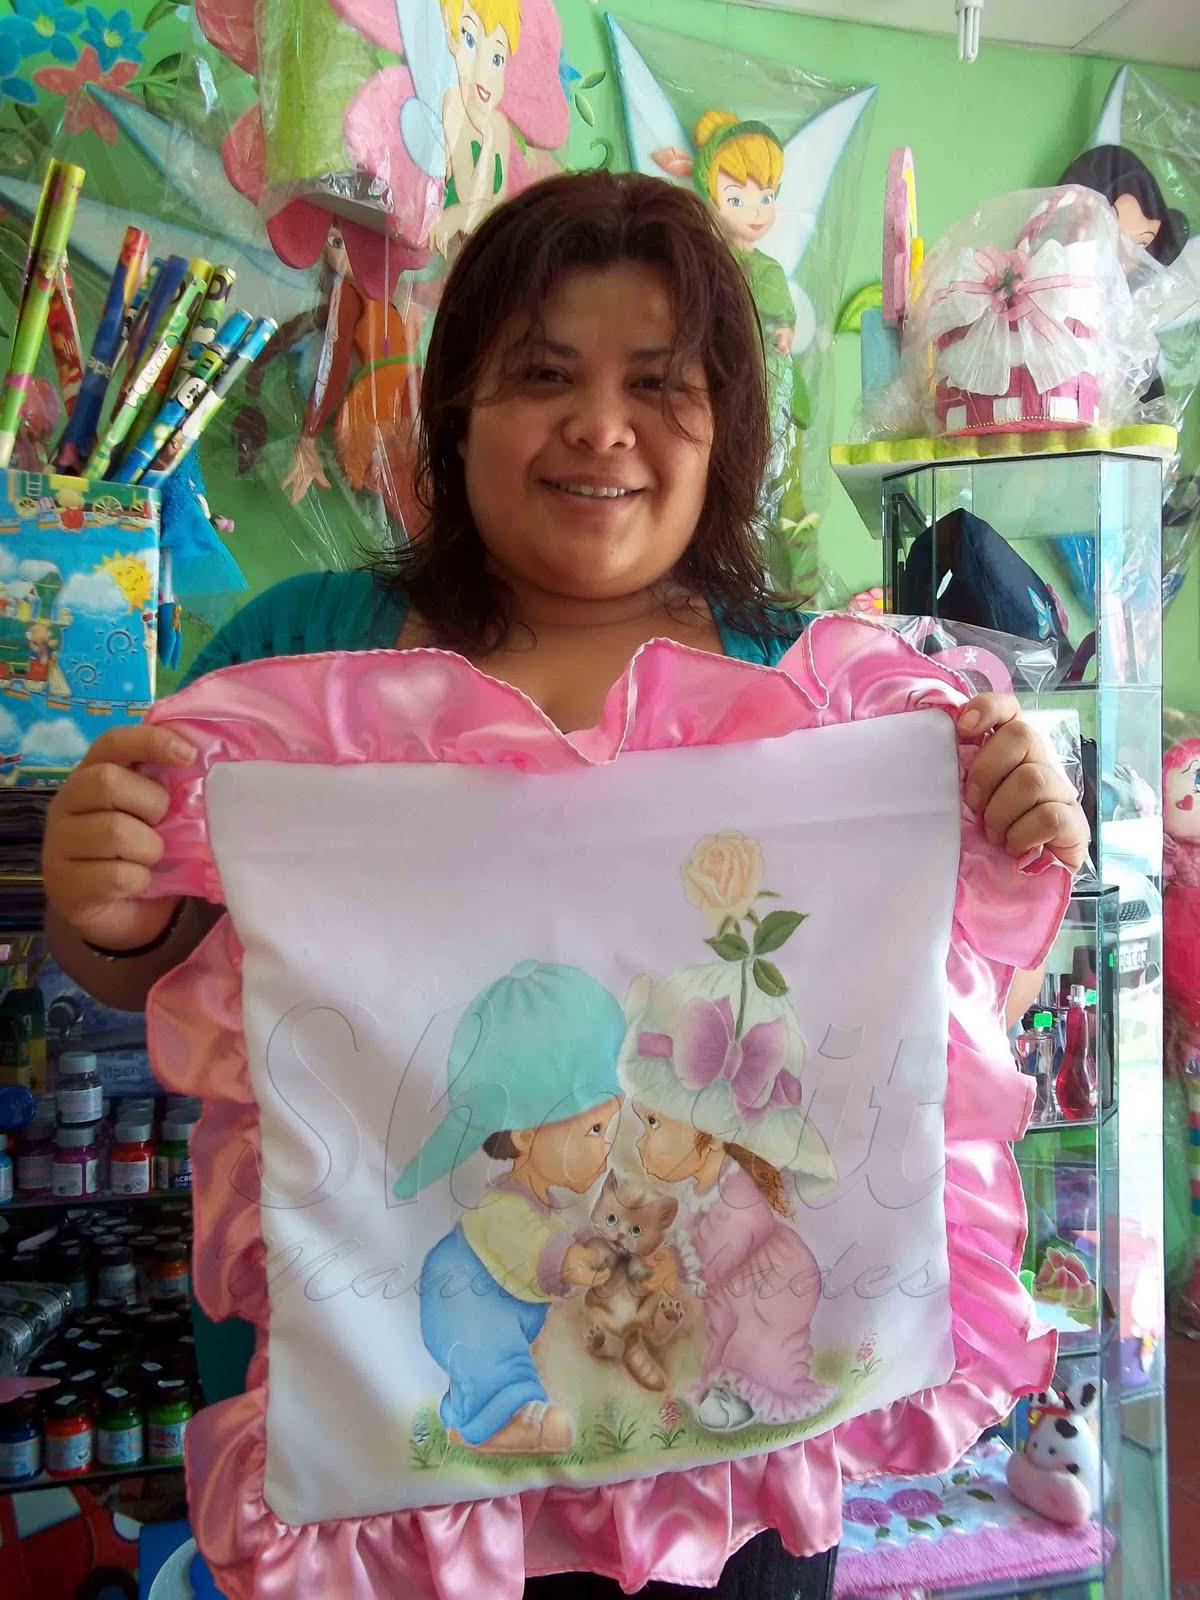 Sharit manualidades y mas cojines pintado en tela - Cojines pintados en tela ...